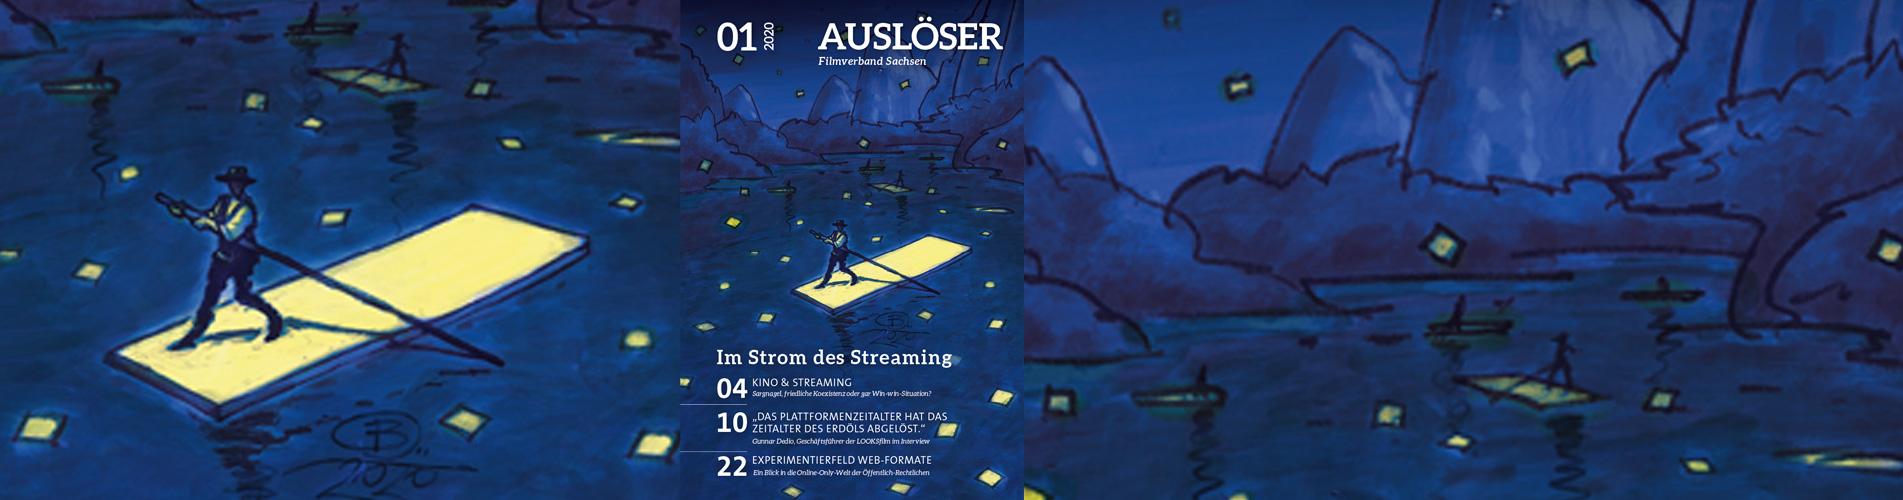 Bild zum Motto: Jetzt online: AUSLÖSER 01/2020